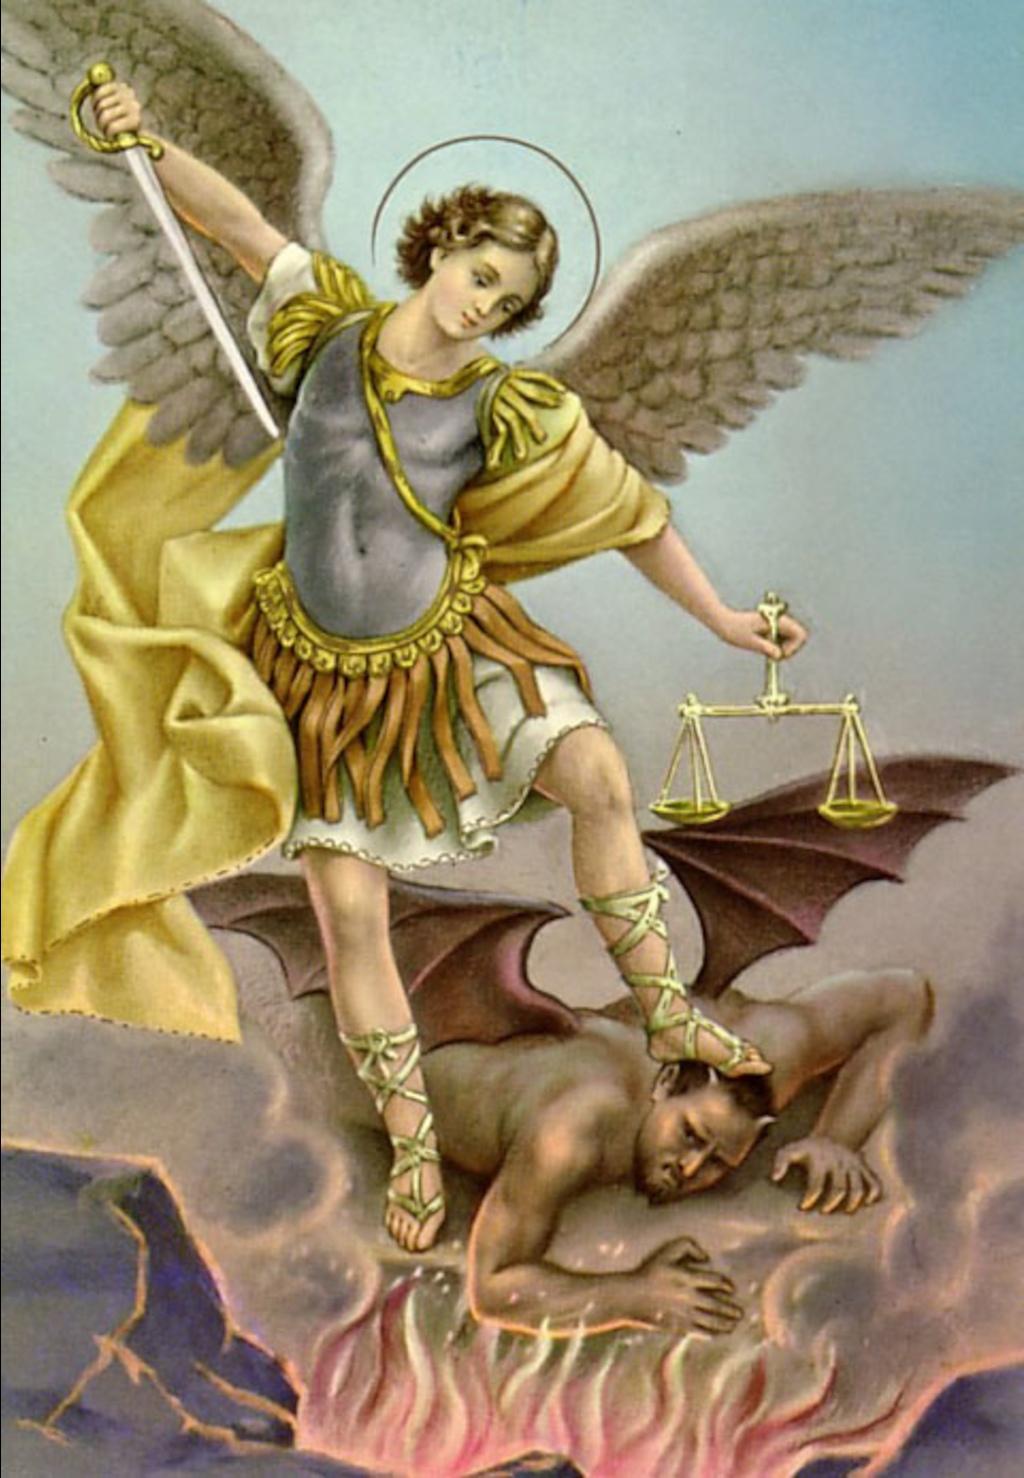 Tổng lãnh thiên thần Michael và Satan. Ảnh: Steam Community